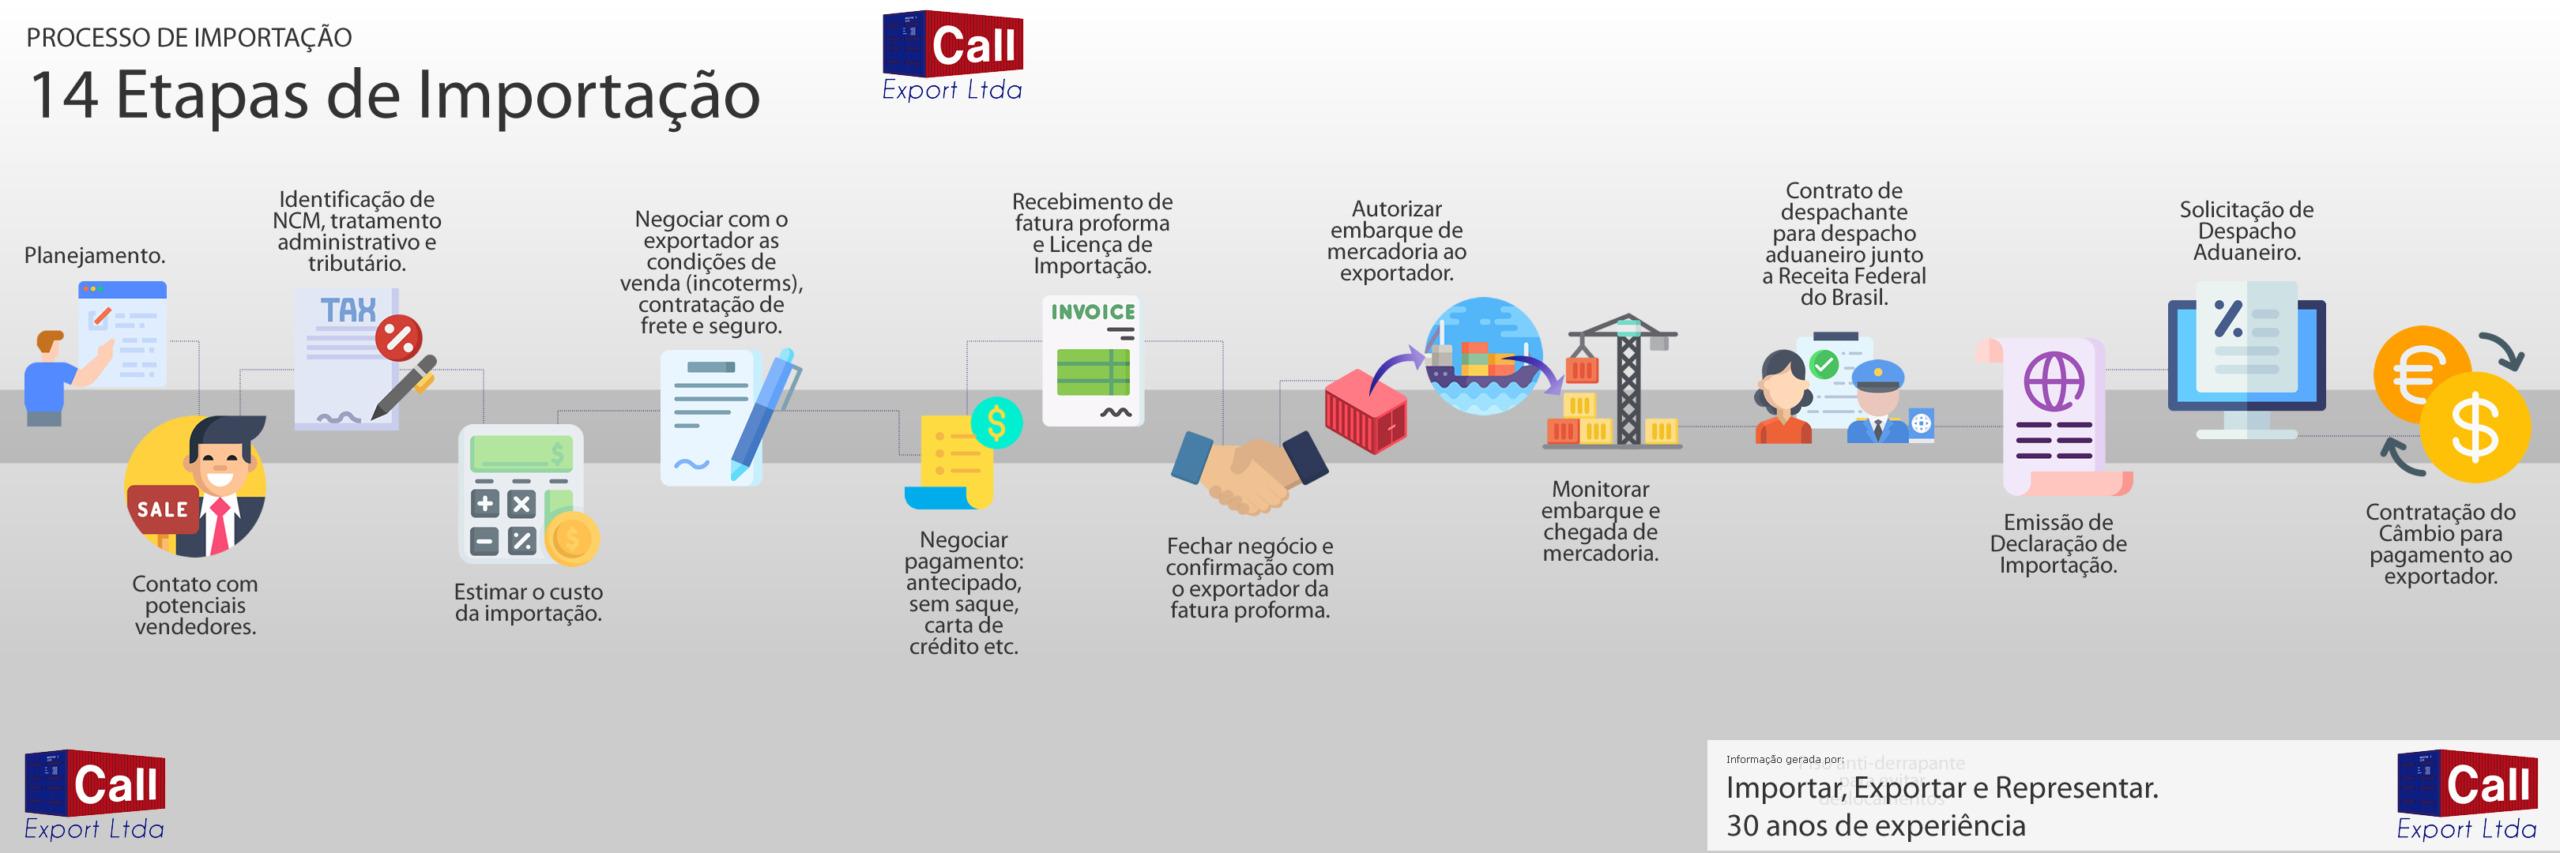 Fluxograma de Importação da Call Export. Imagem: SNC Mídia.